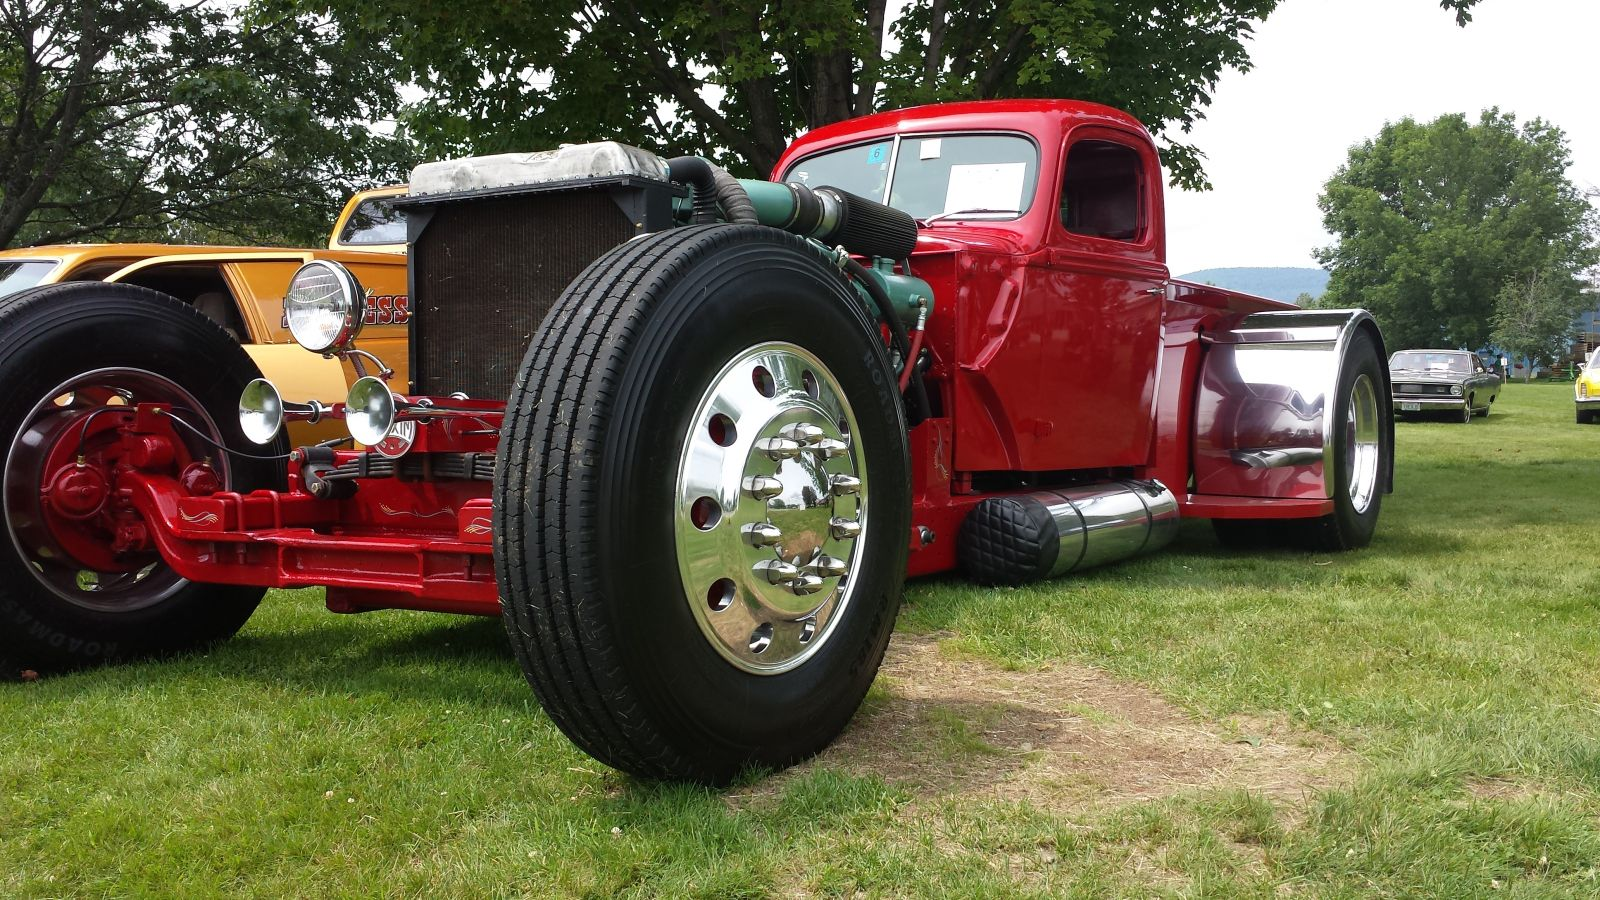 Jay Oullette\'s Mean Diesel \'46 Ford Pickup | Hotrod Hotline